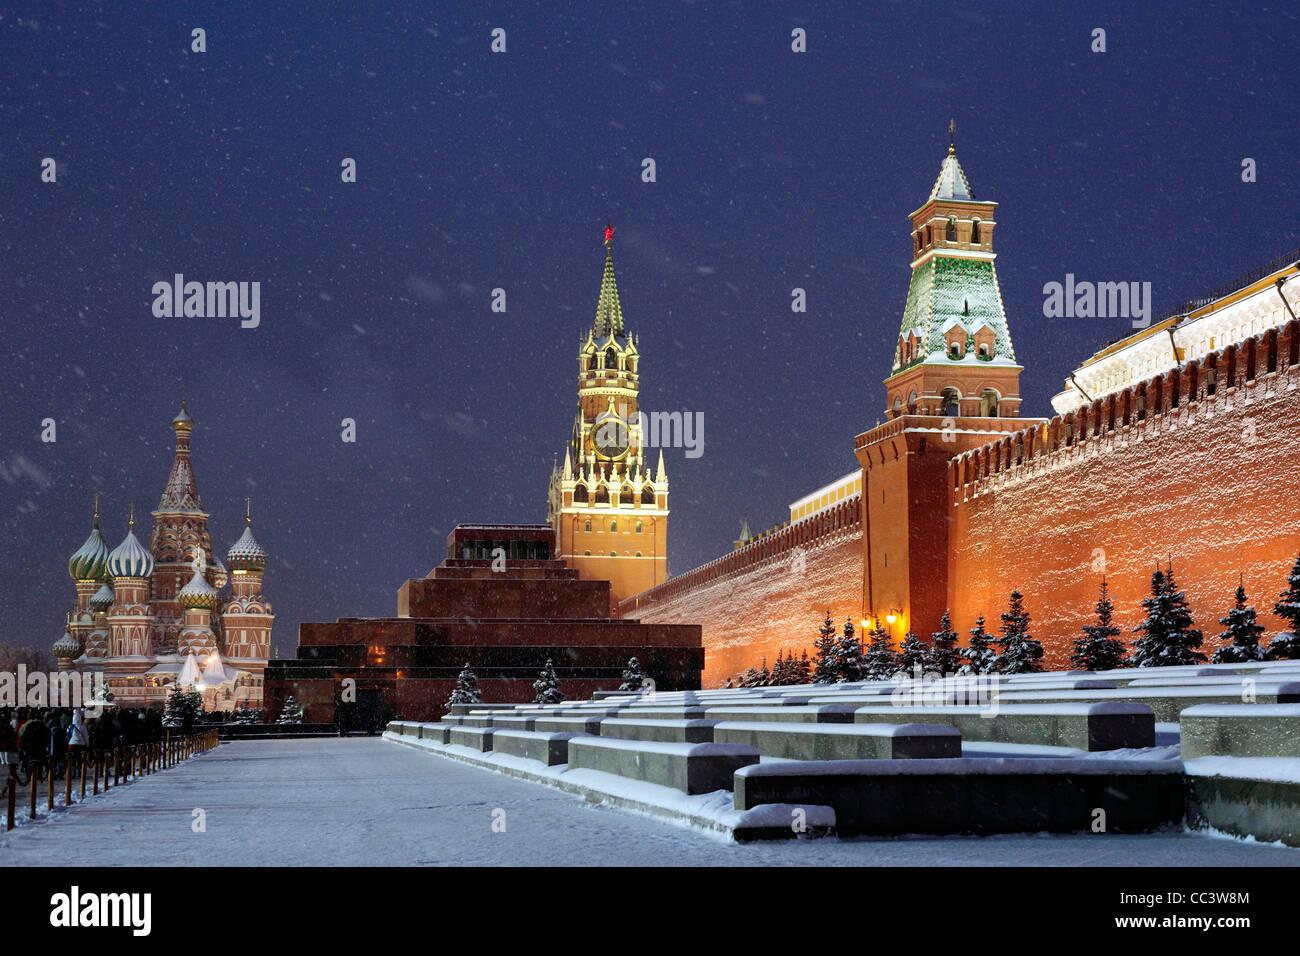 La Cathédrale de Saint Basil dans la nuit, la place Rouge, Moscou, Russie Photo Stock